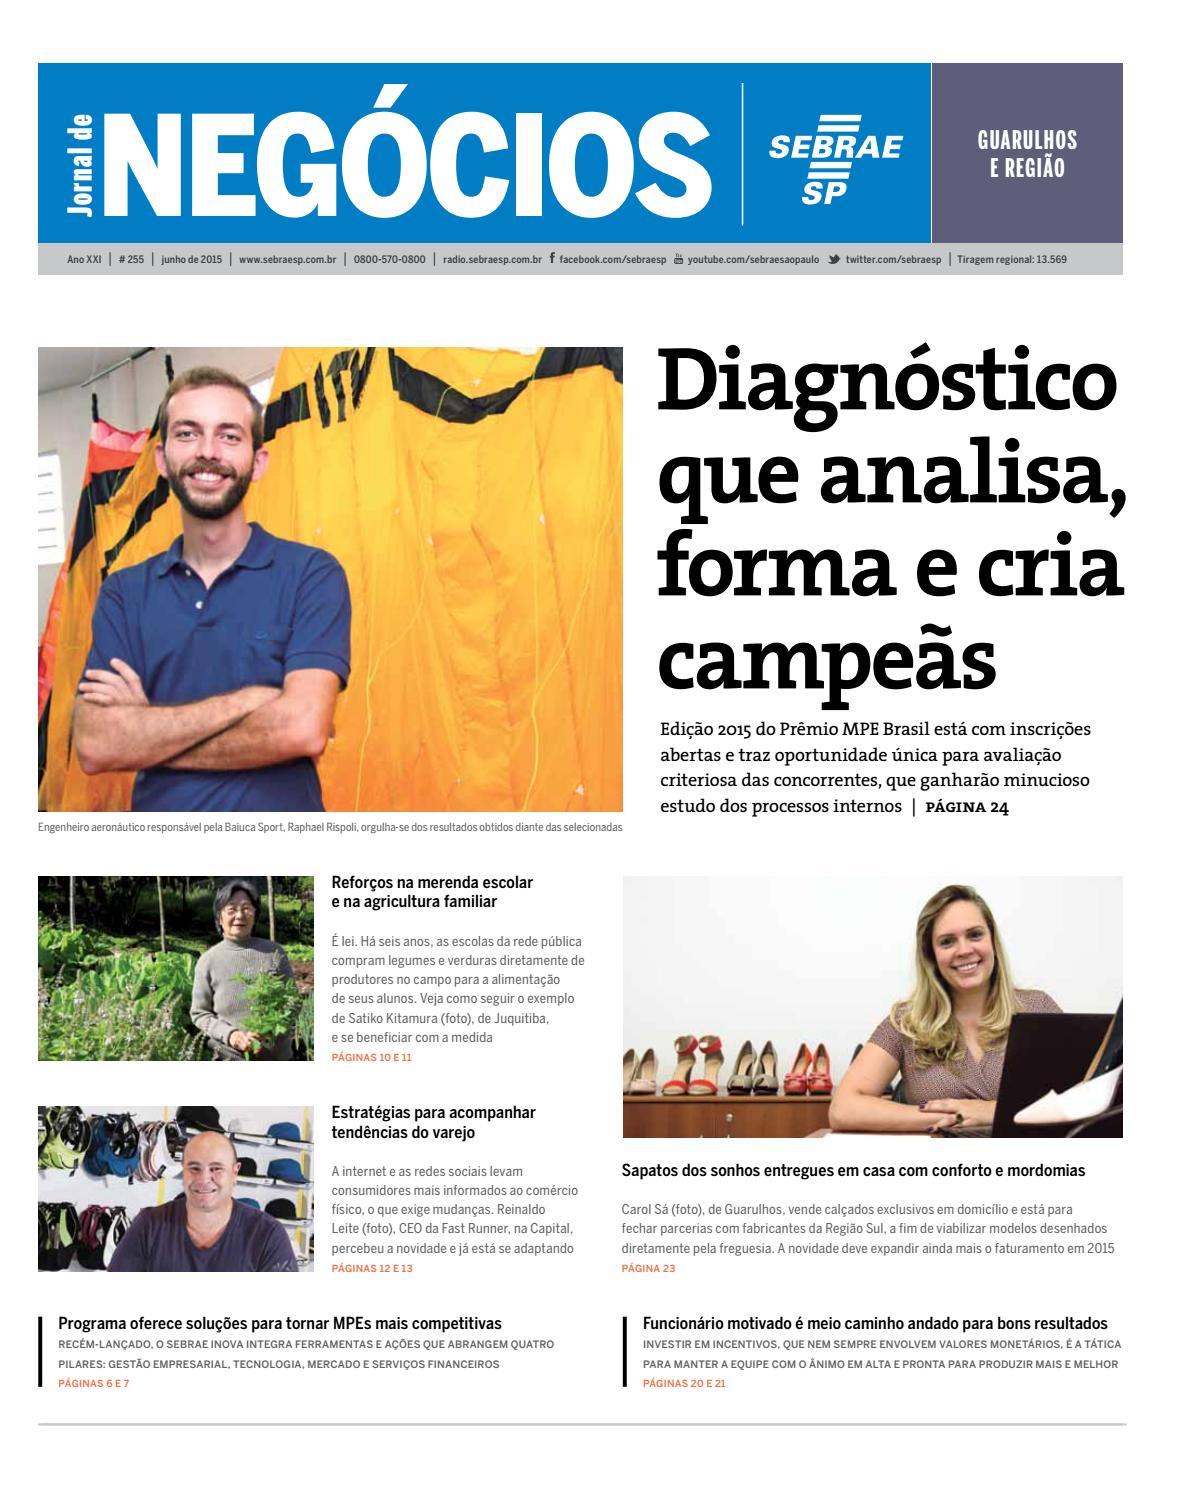 a9a612d4e99 Jornal de Negócios Sebrae-SP - 01 de junho de 2015 - Guarulhos de Região by  Sebrae-SP - issuu